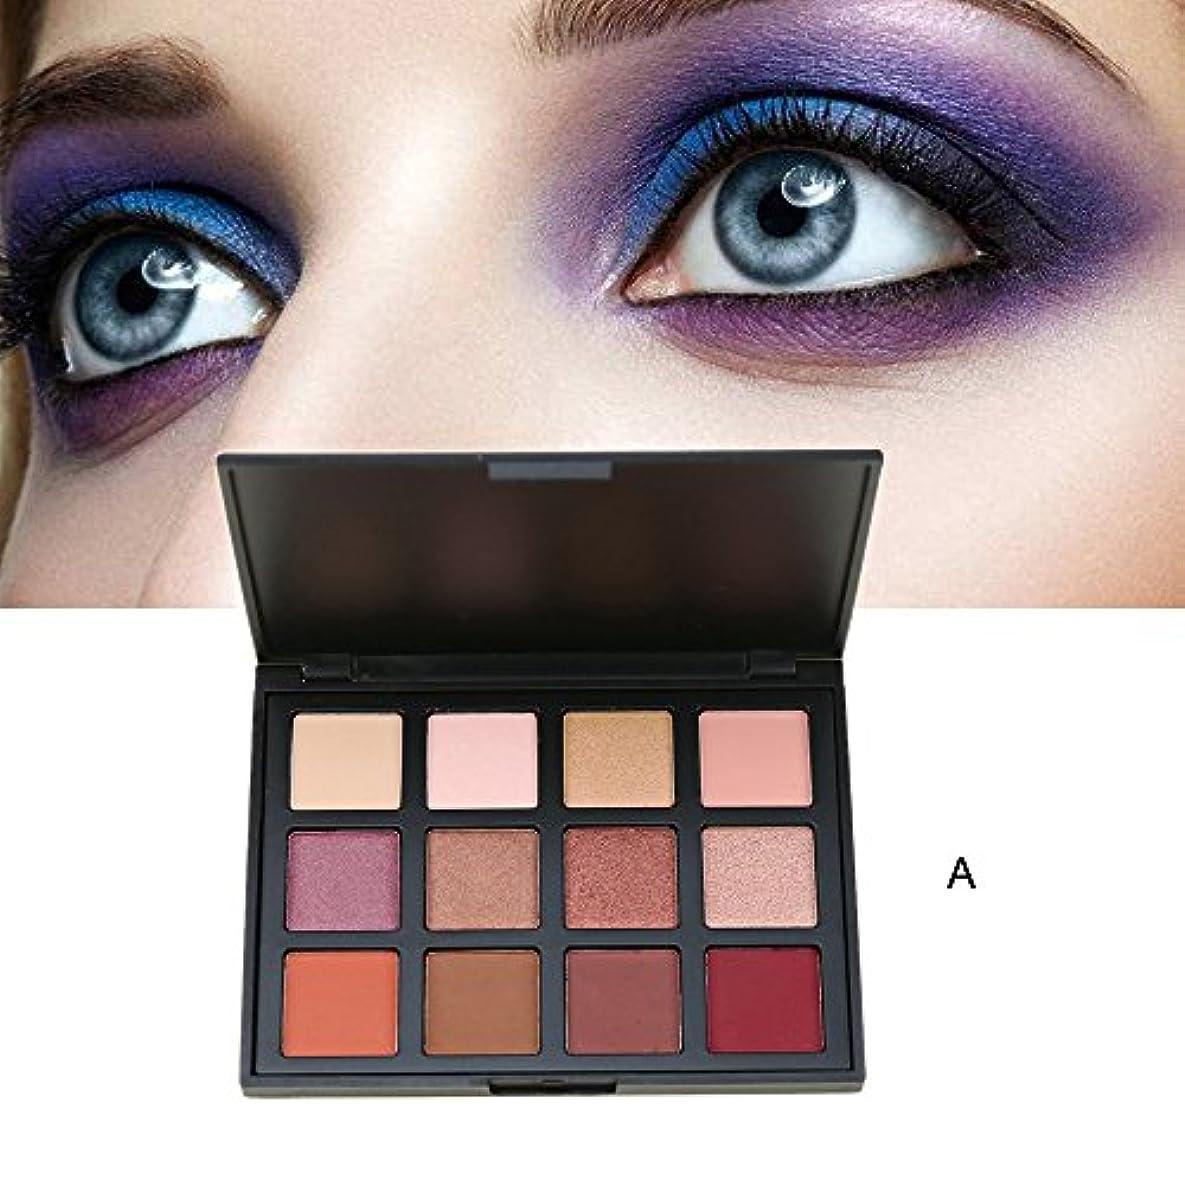 のり仮定、想定。推測好意Akane アイシャドウパレット Sherffy ファッション 人気 アースカラー 真珠光沢 気質的 ルネッサンス 綺麗 マット 魅力的 チャーム 防水 長持ち おしゃれ 持ち便利 Eye Shadow (12色)